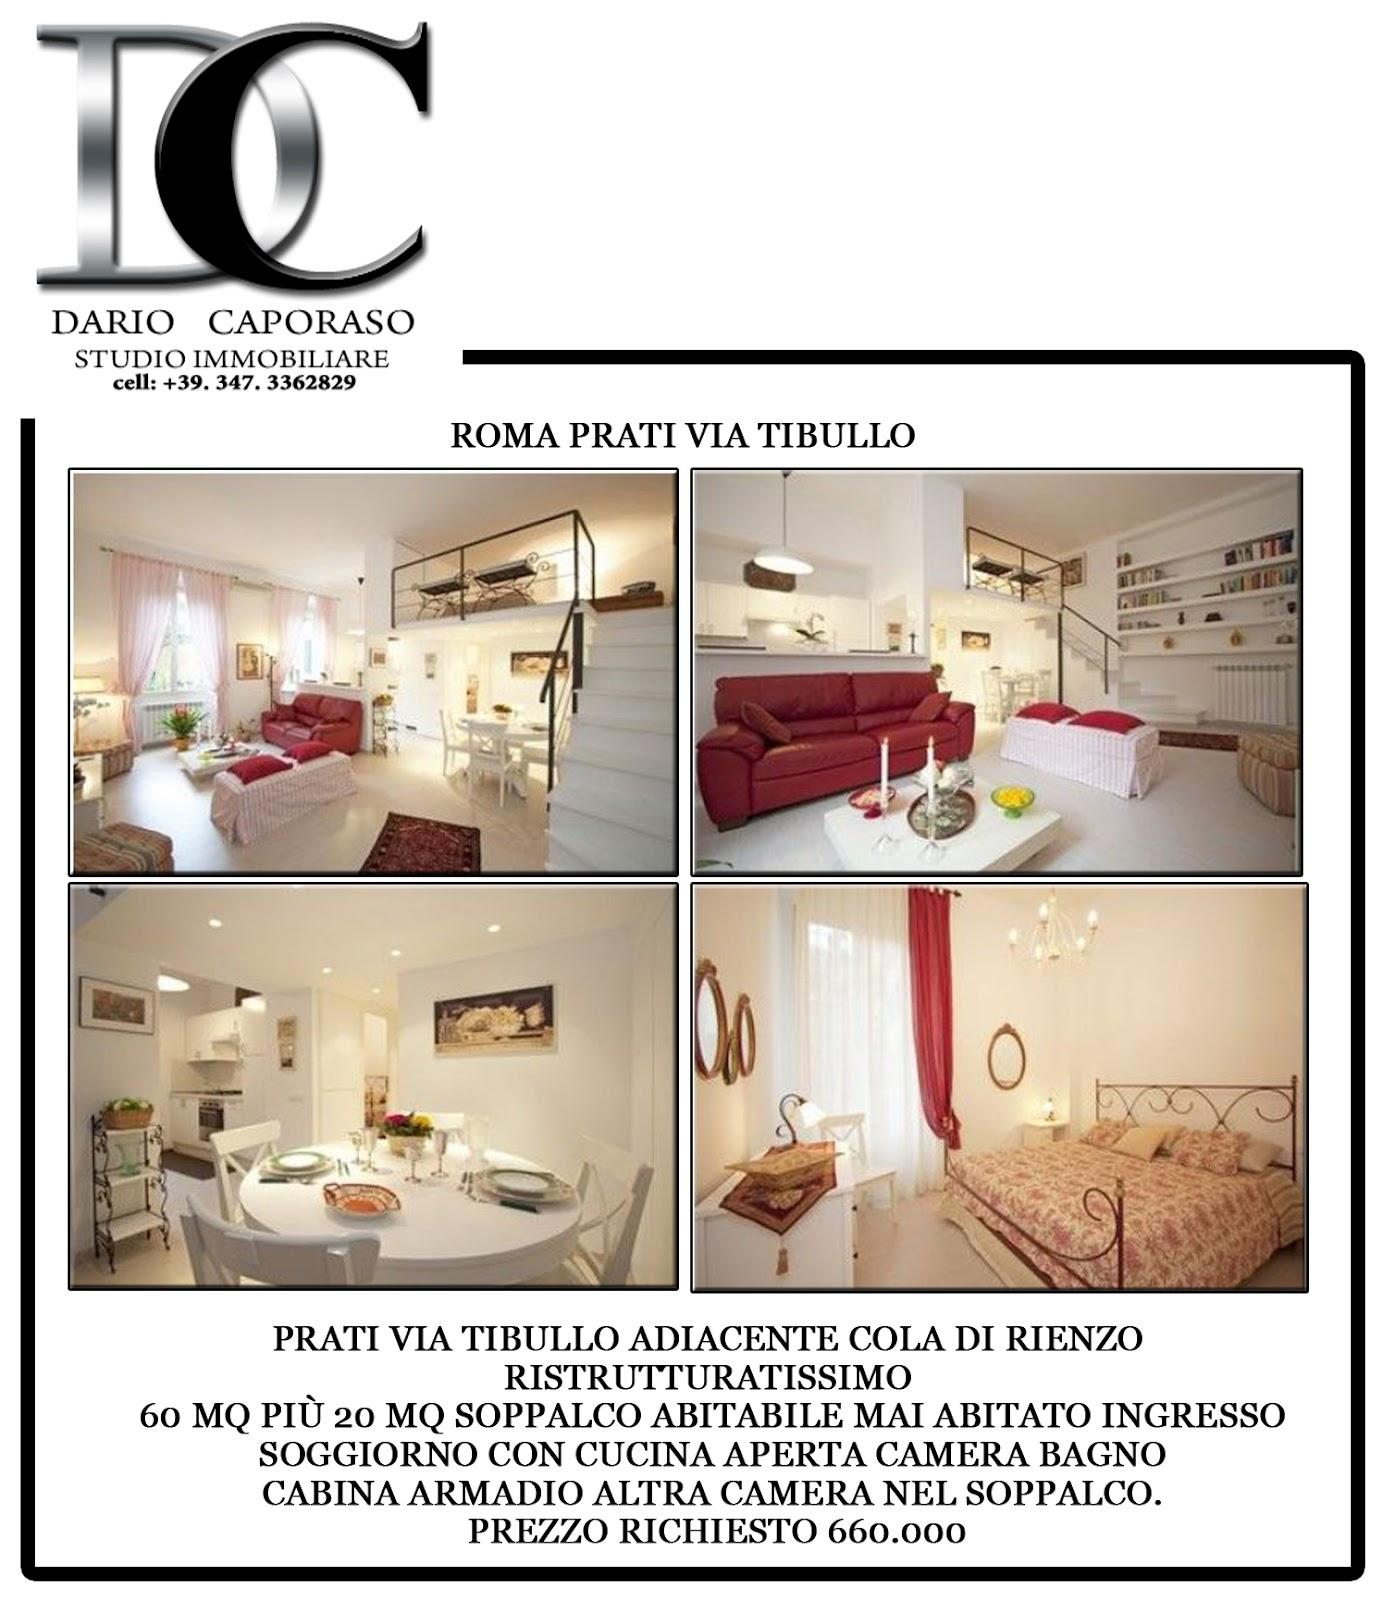 Dc studio immobiliare appartamento mq60 mq20 soppalco for Affittasi studio roma prati